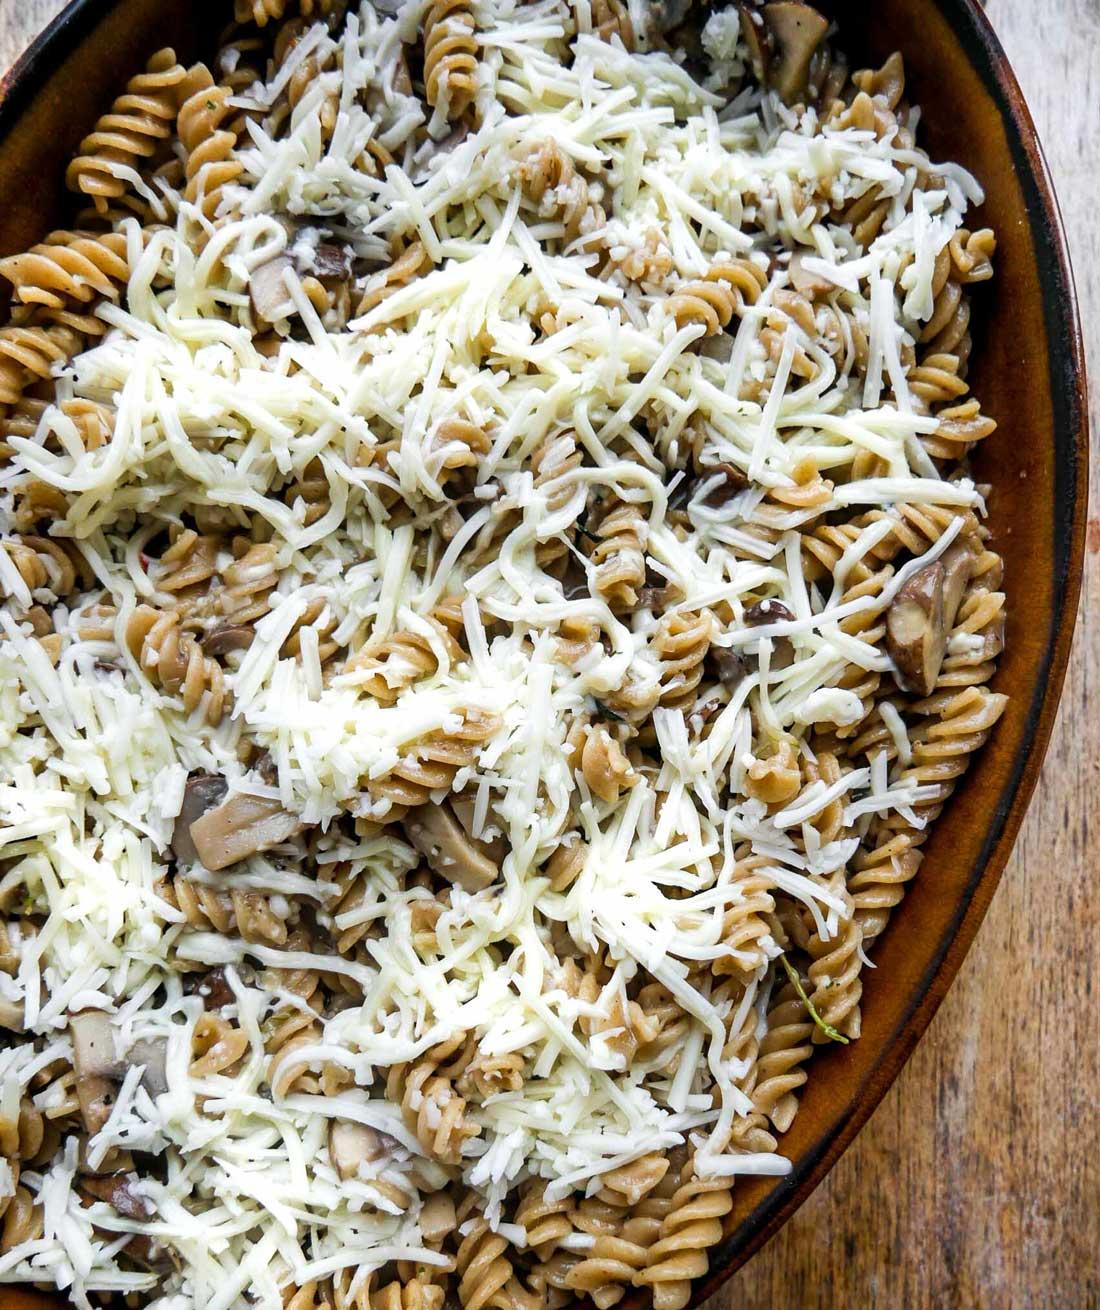 ovnbagt pasta med vegansk smelte ost